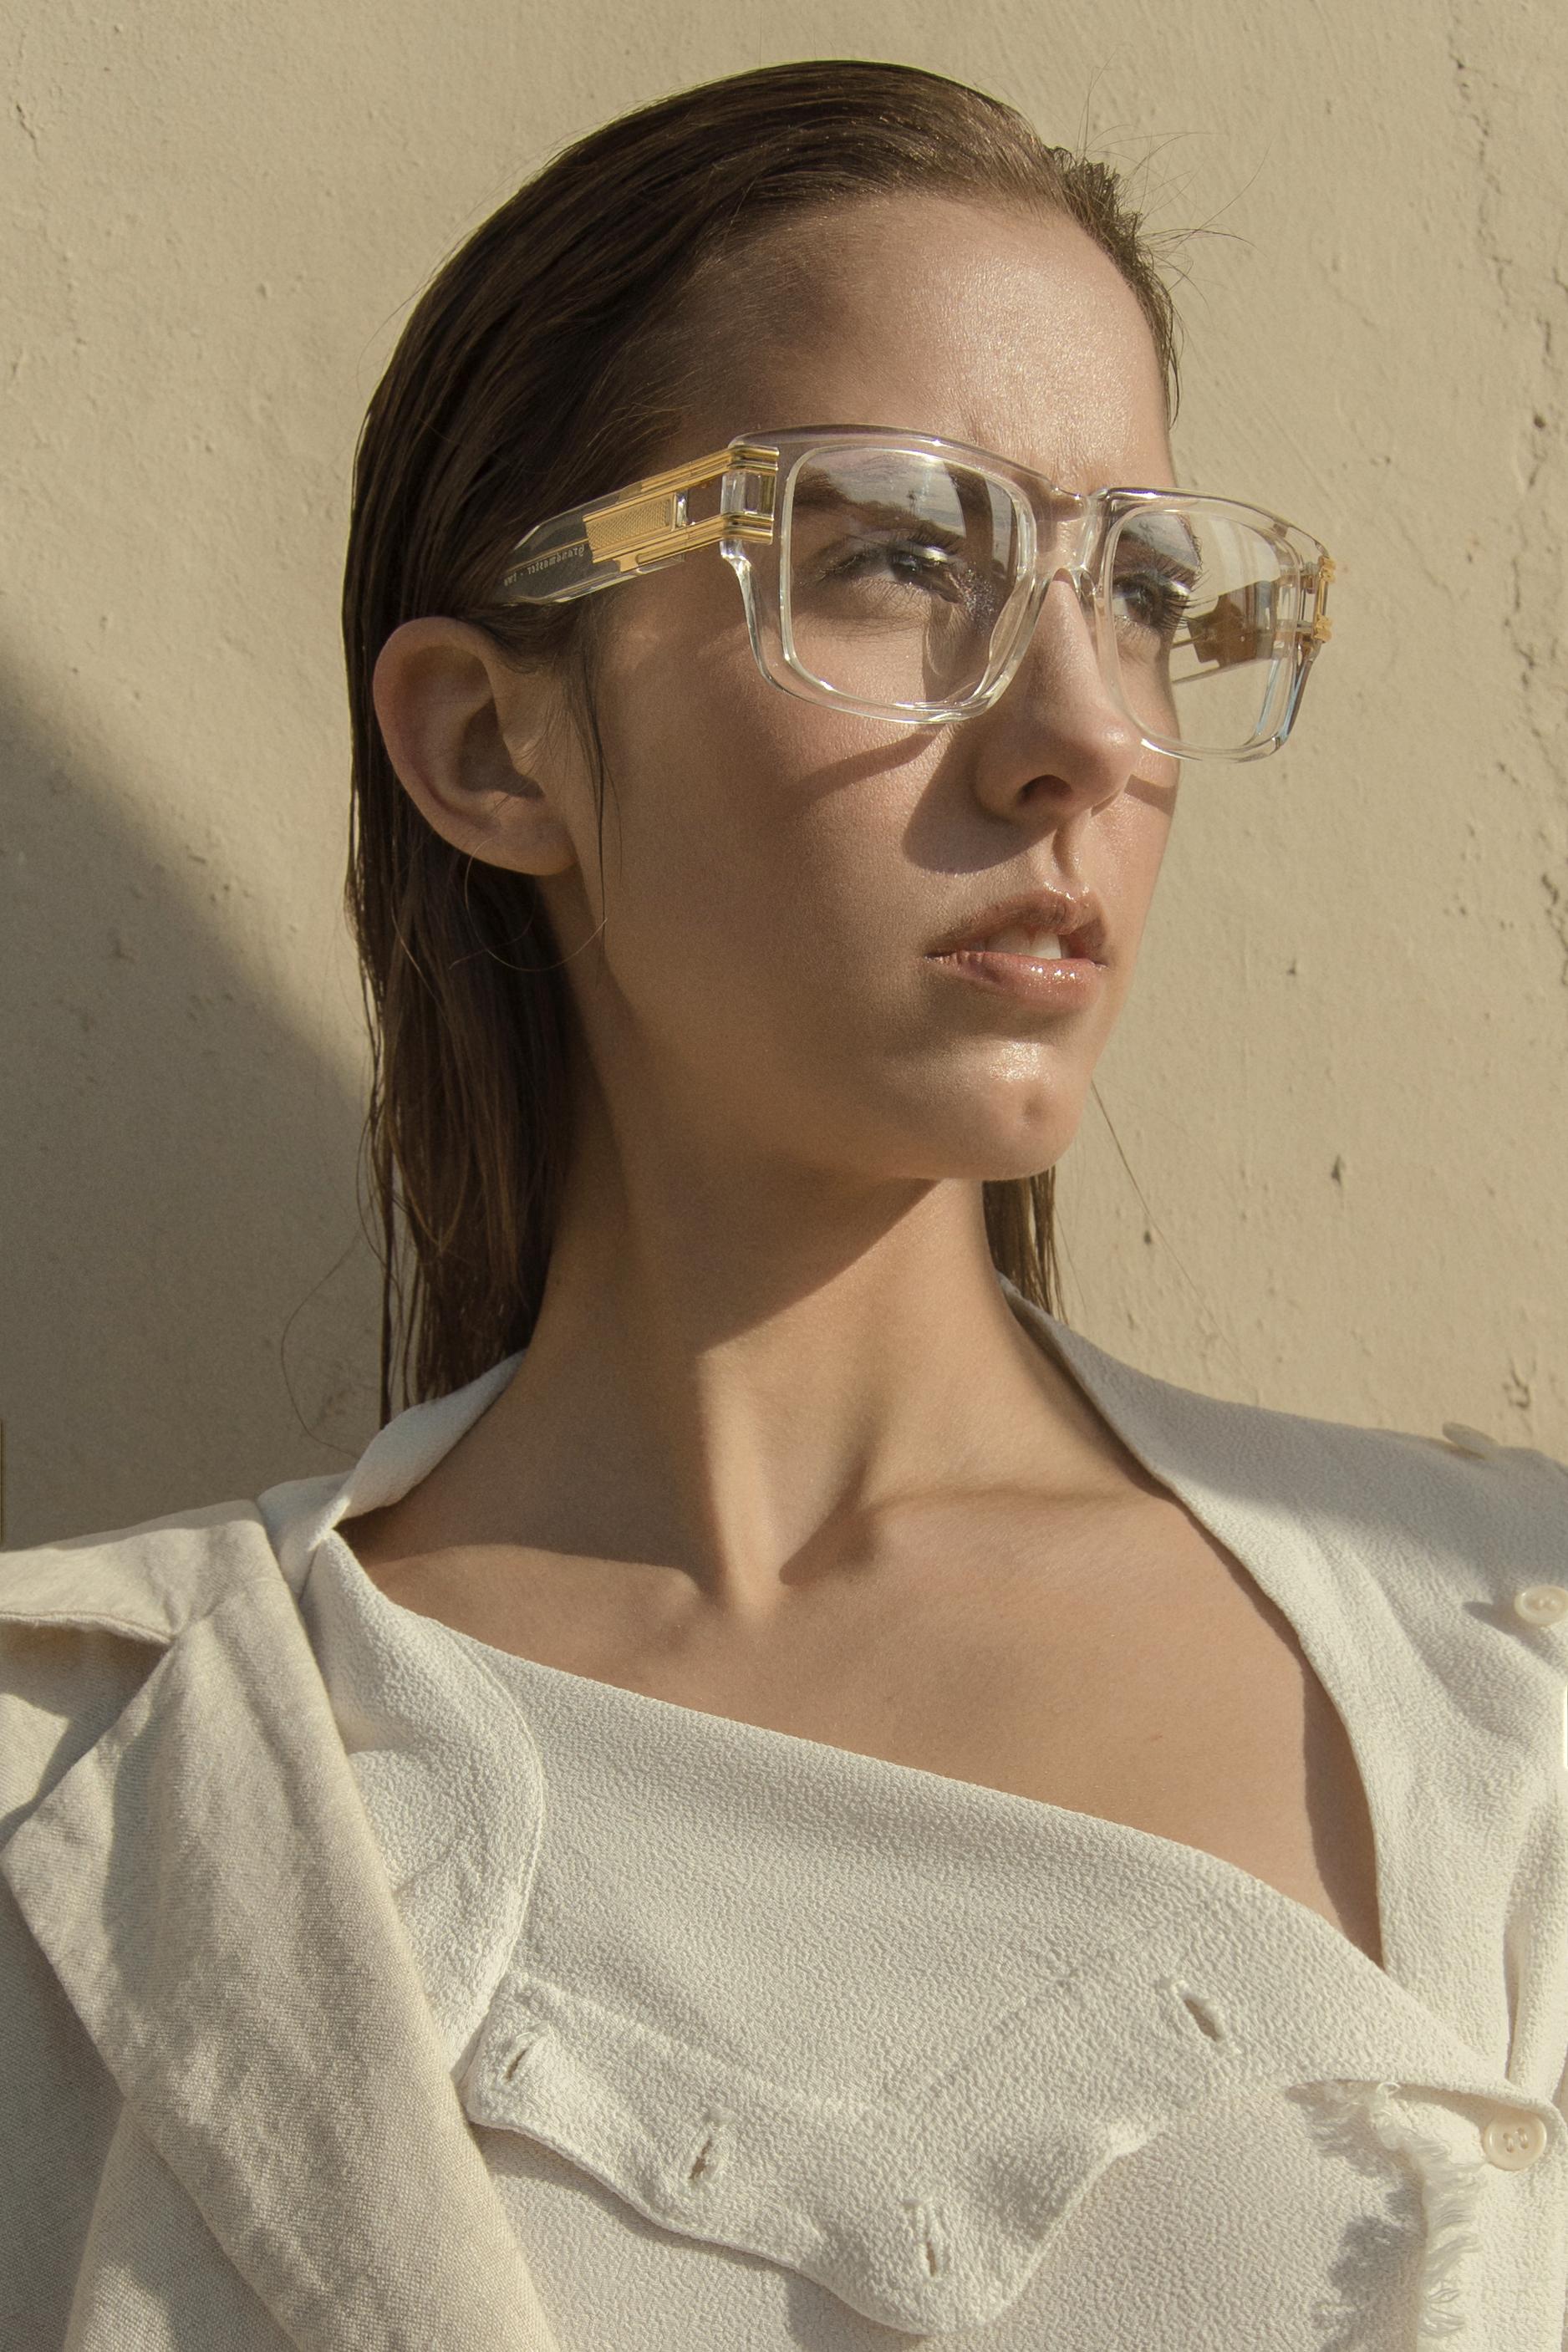 Blair-Rachel-Look4 (1 of 2)final.jpg